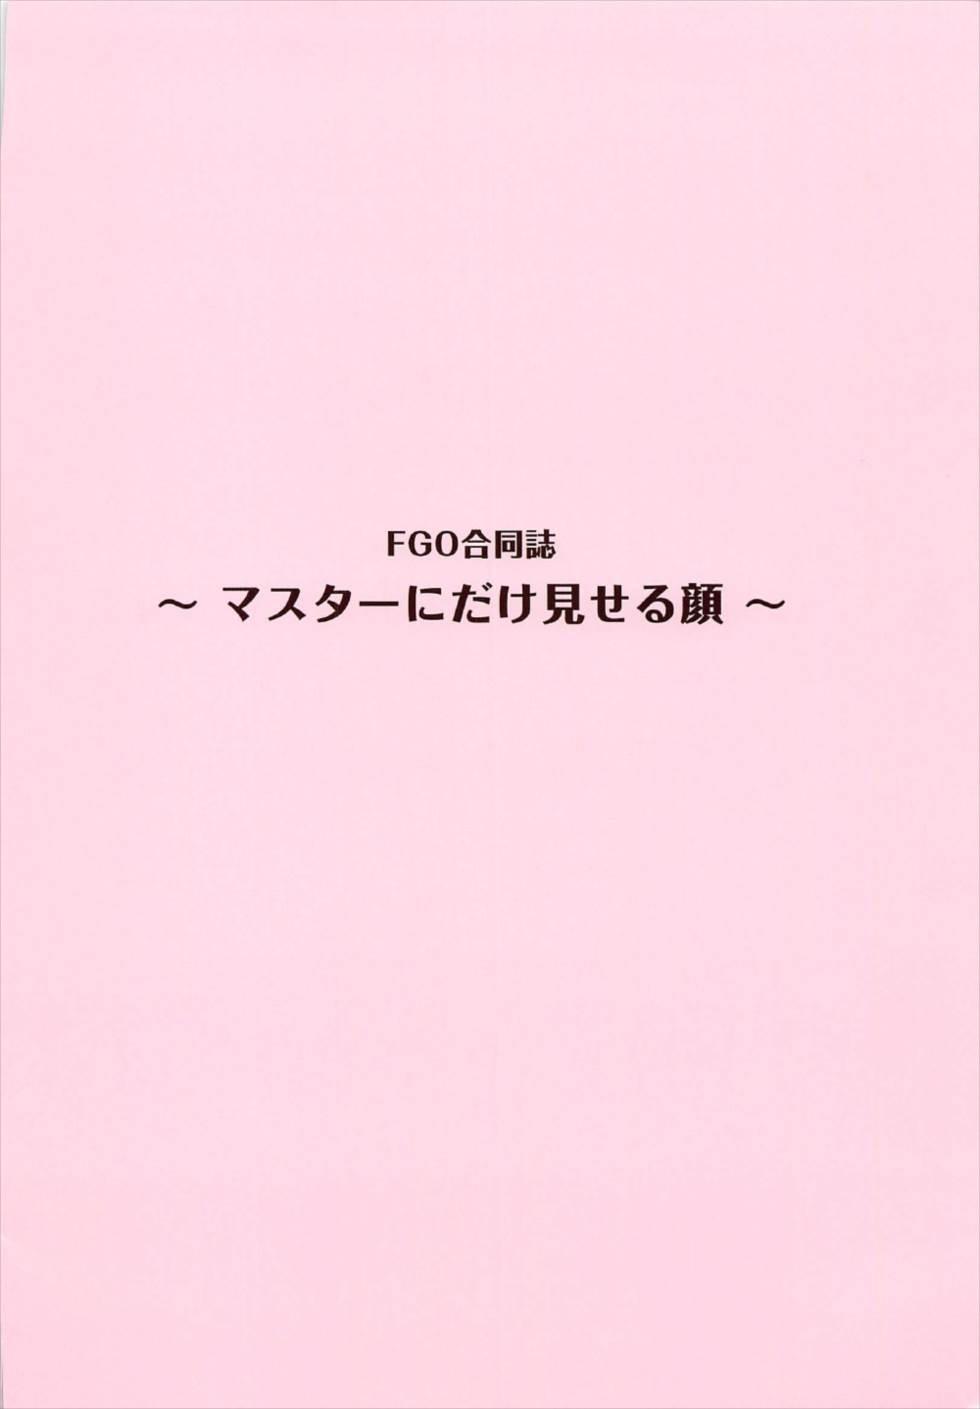 FGO Goudoushi Master no Mae de dake Miseru Kao 32